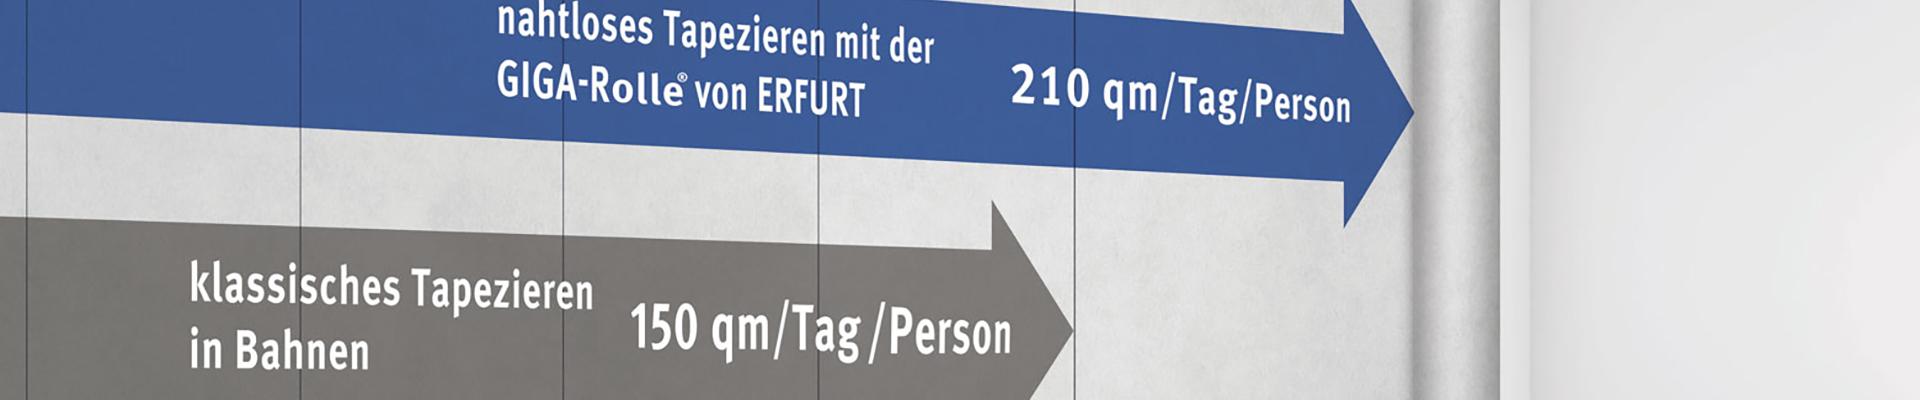 Erfurt GIGA-Rolle – Große Flächen schnell und nahtlos tapezieren